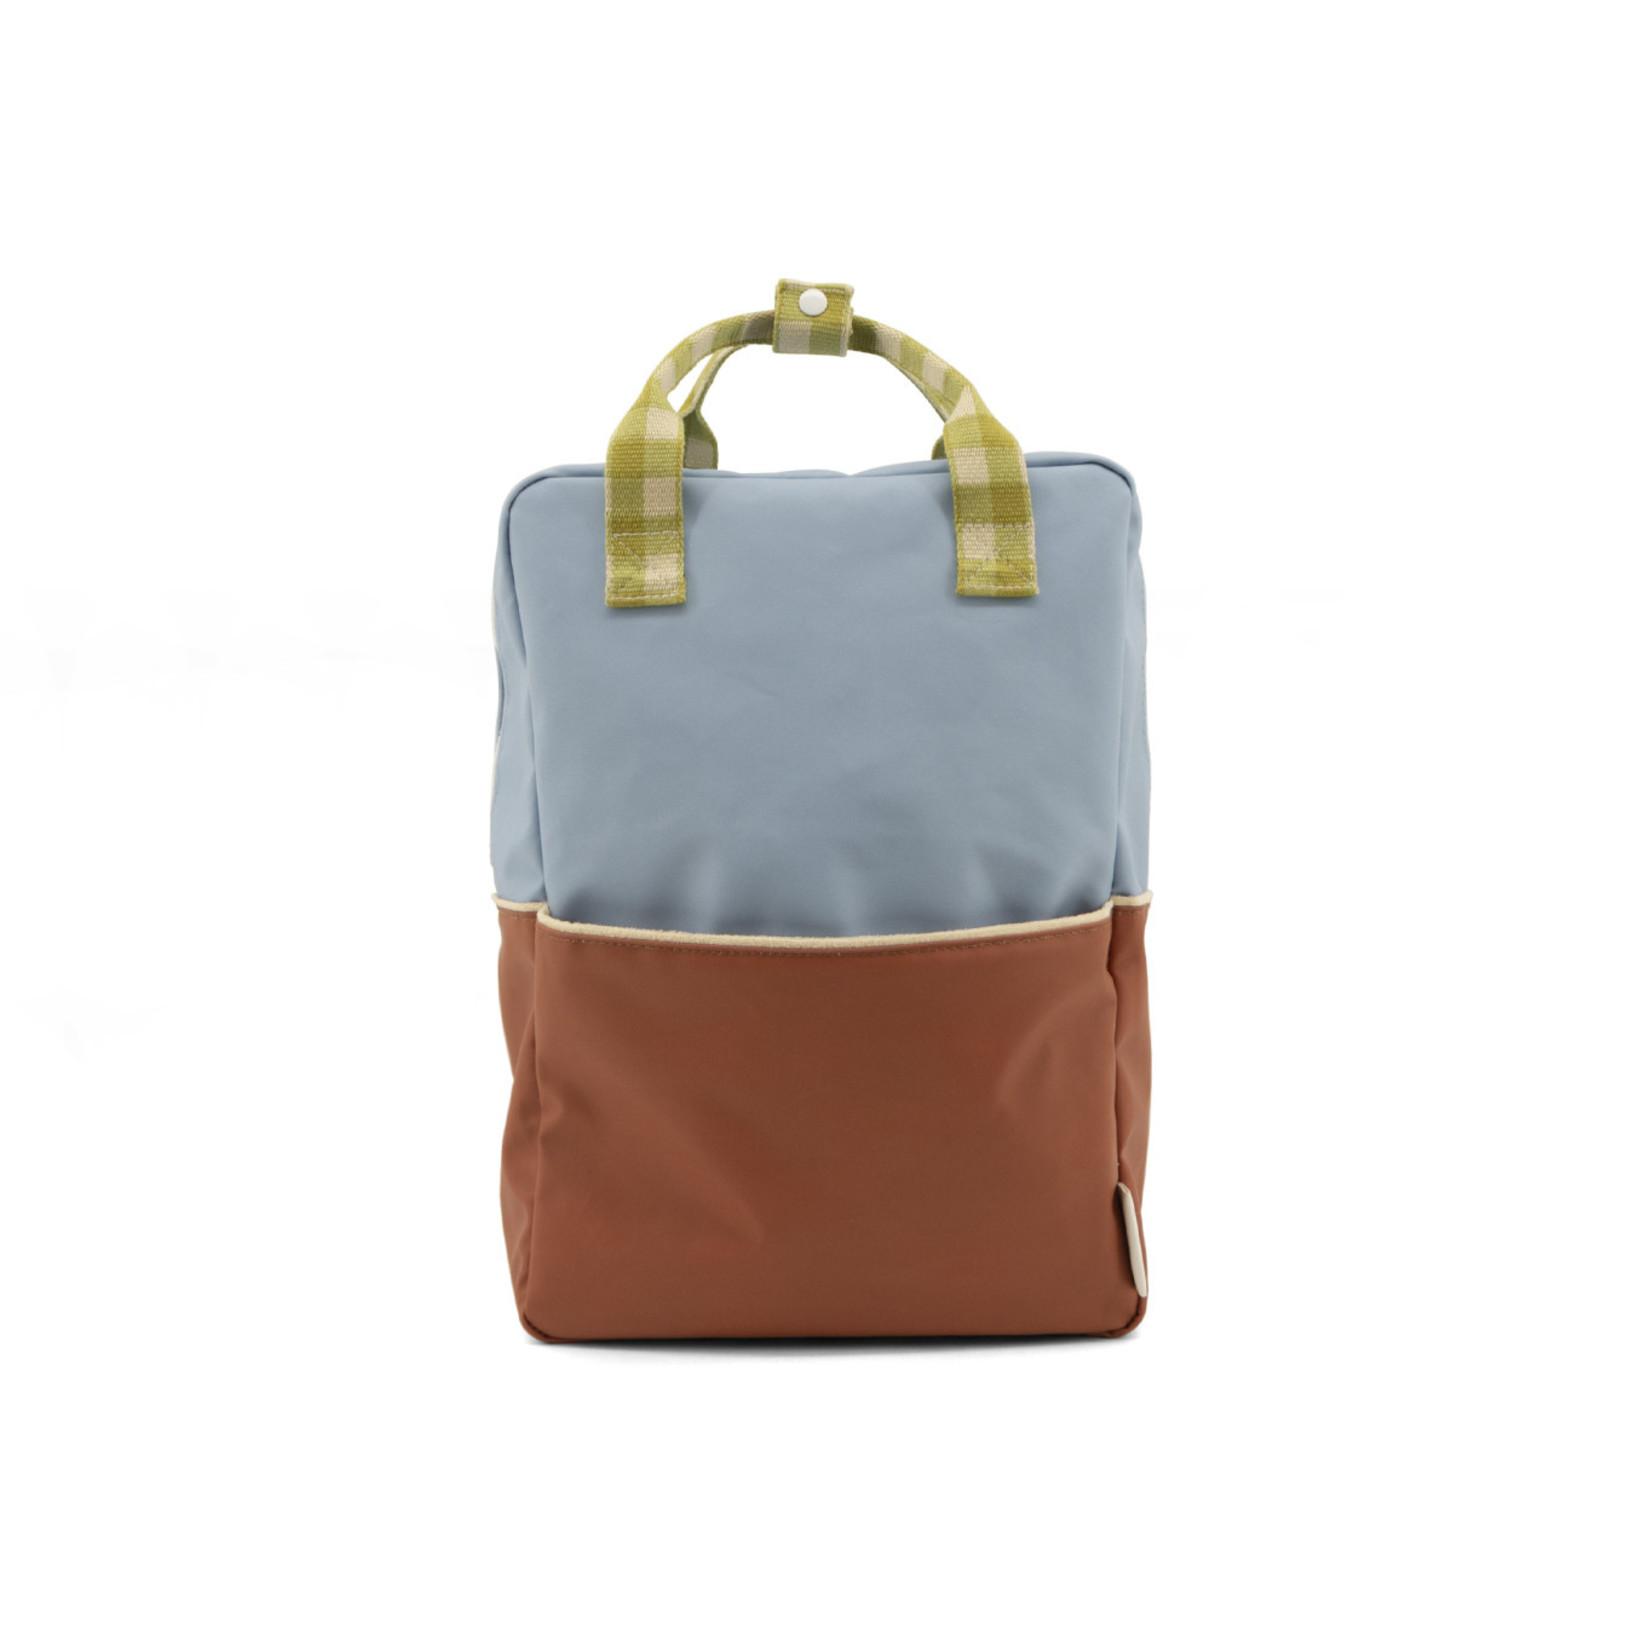 STICKY LEMON STICKY LEMON backpack large colorblocking